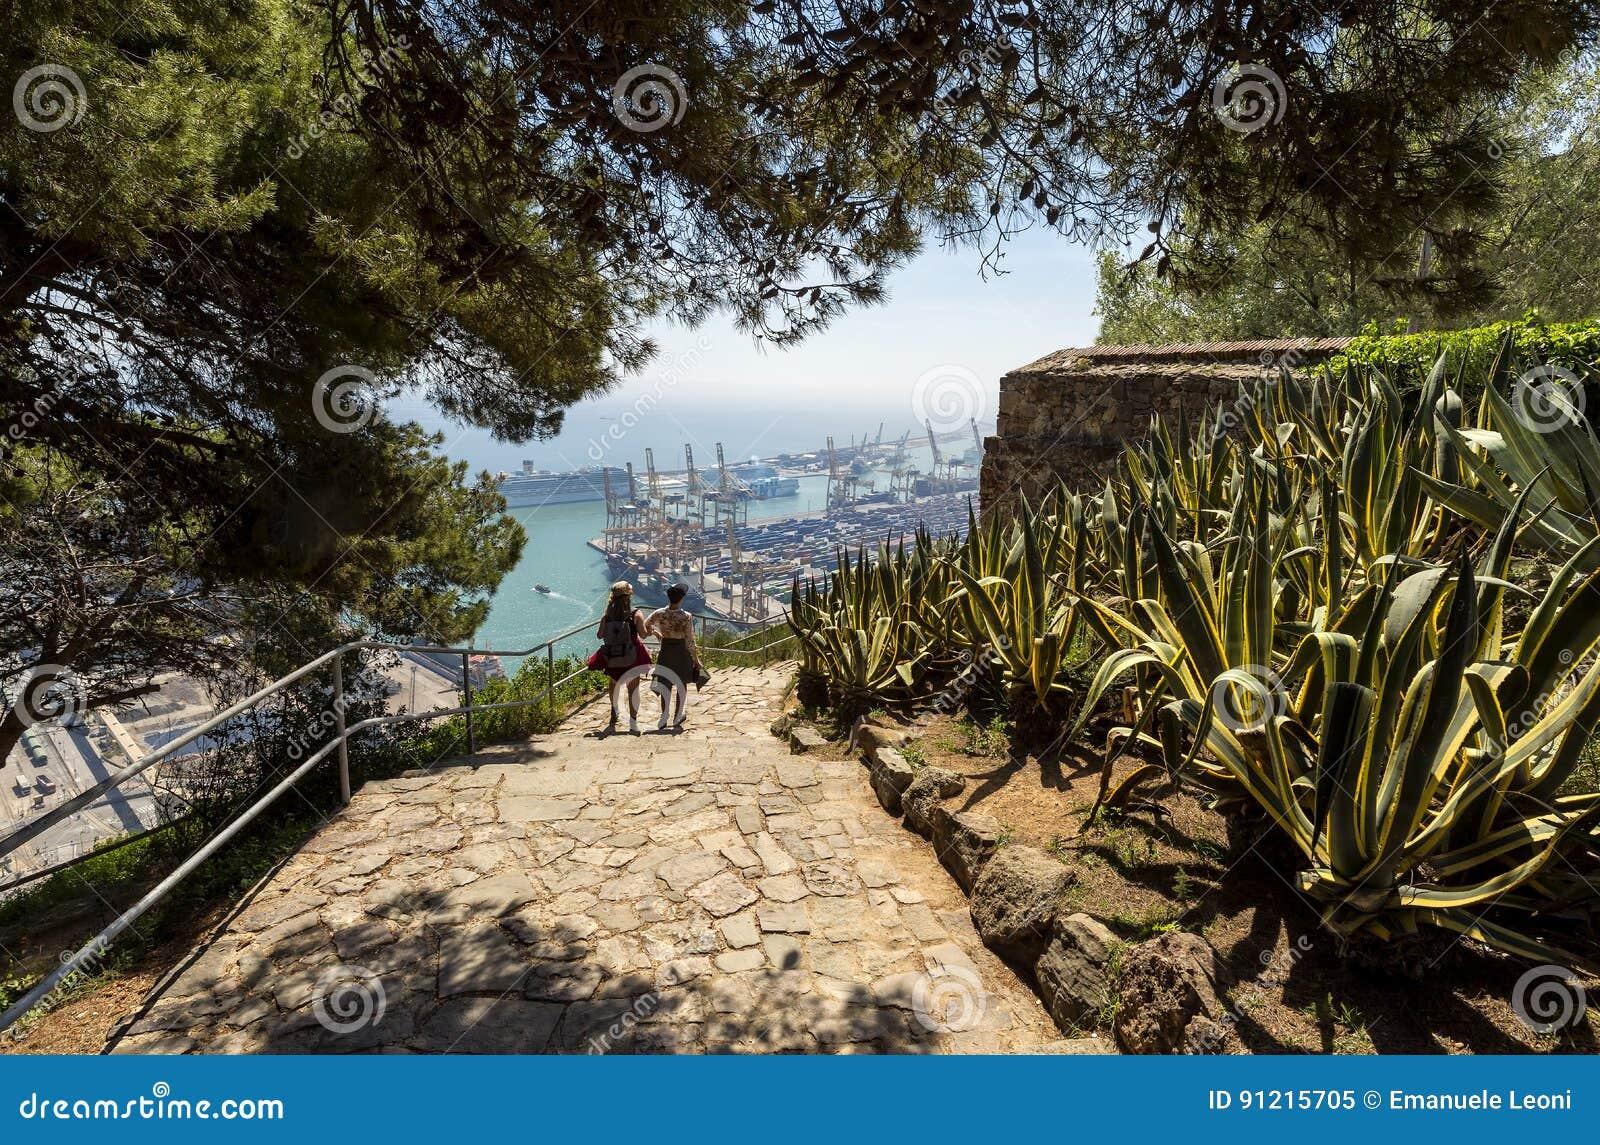 Vue au-dessus de la ville et du port de la colline de Montjuic, paysage urbain de bord de la mer, Barcelone, Espagne